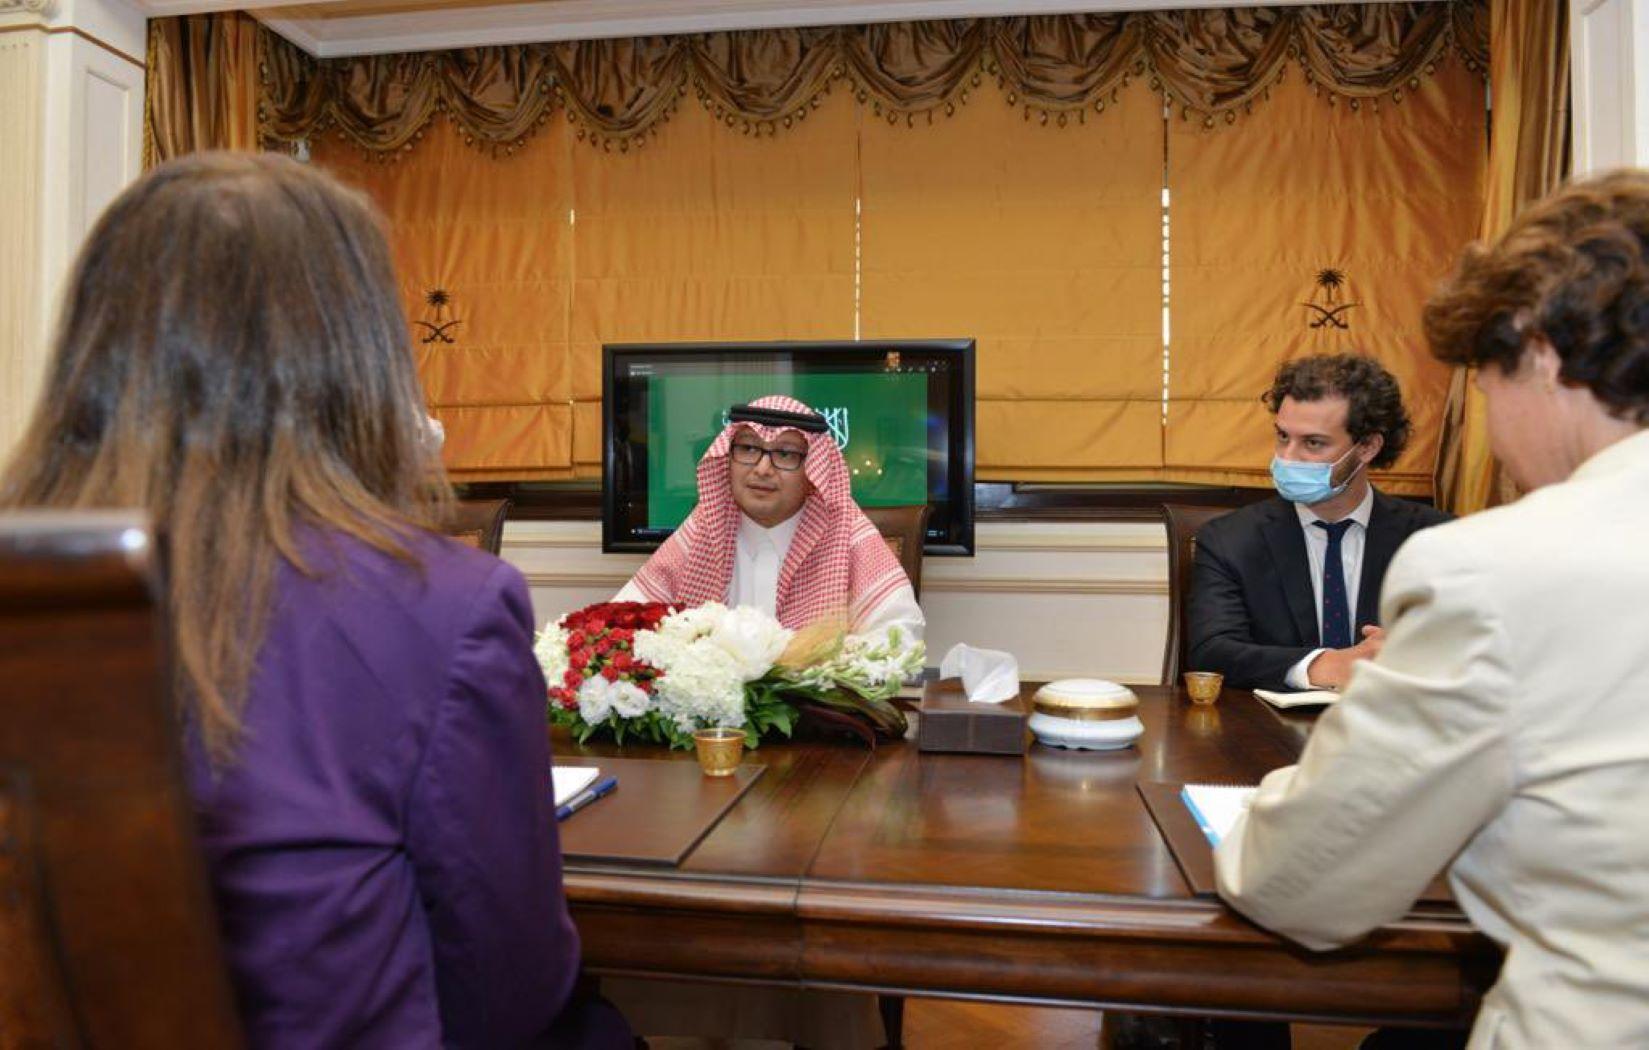 لبنان.. اجتماع أمريكي فرنسي سعودي لبحث الأزمة الاقتصادية